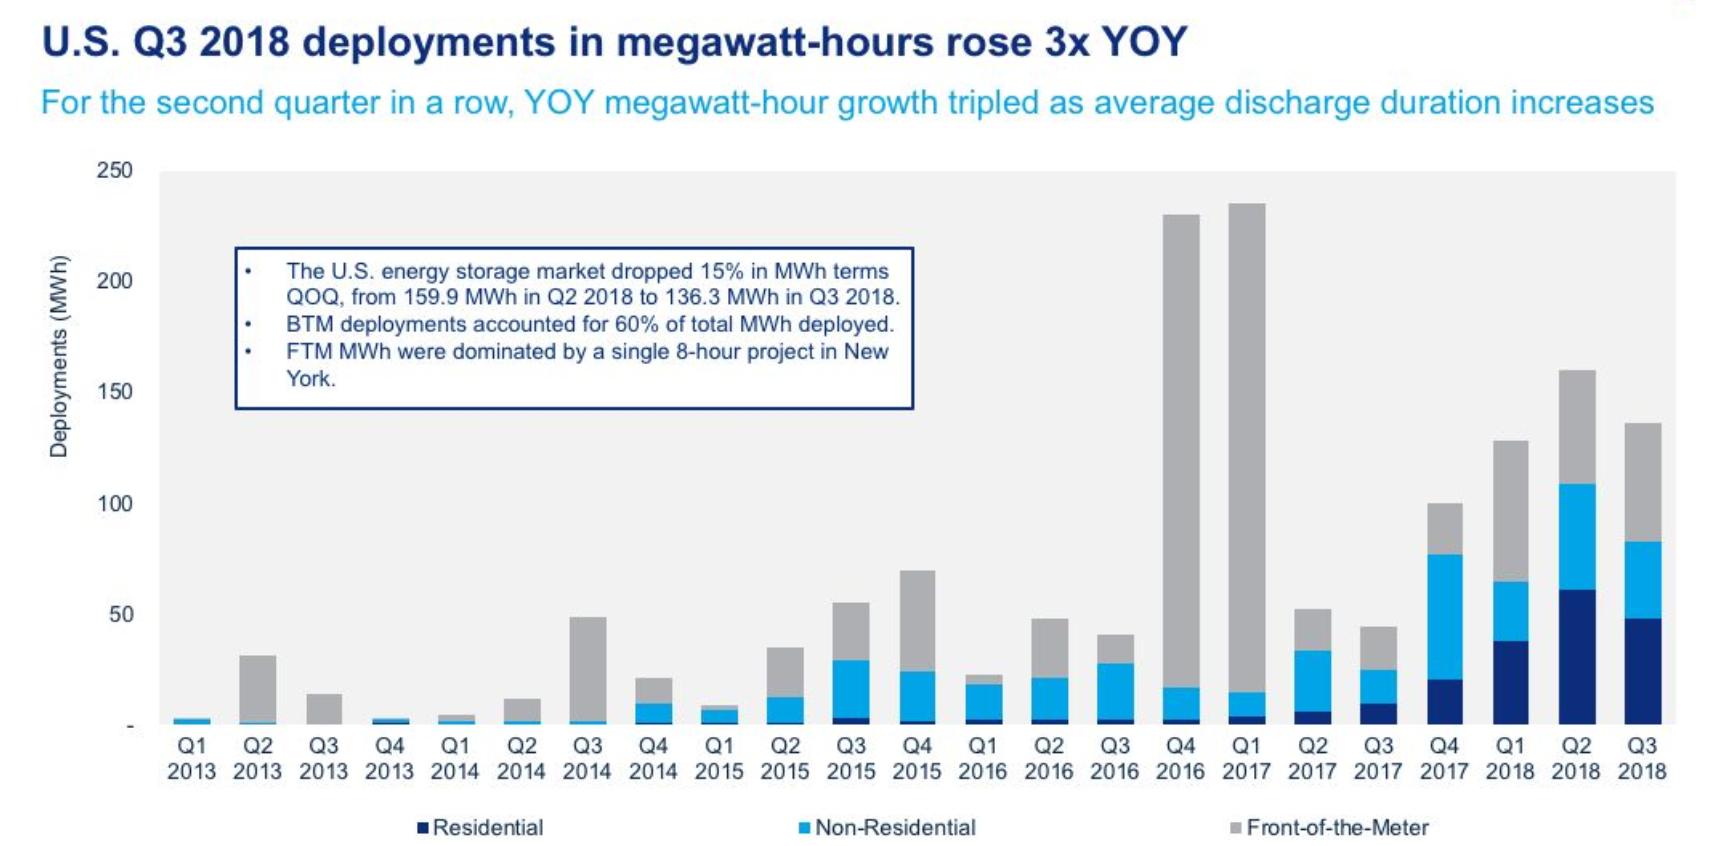 U.S. Q3 2018 Megawatt Hours